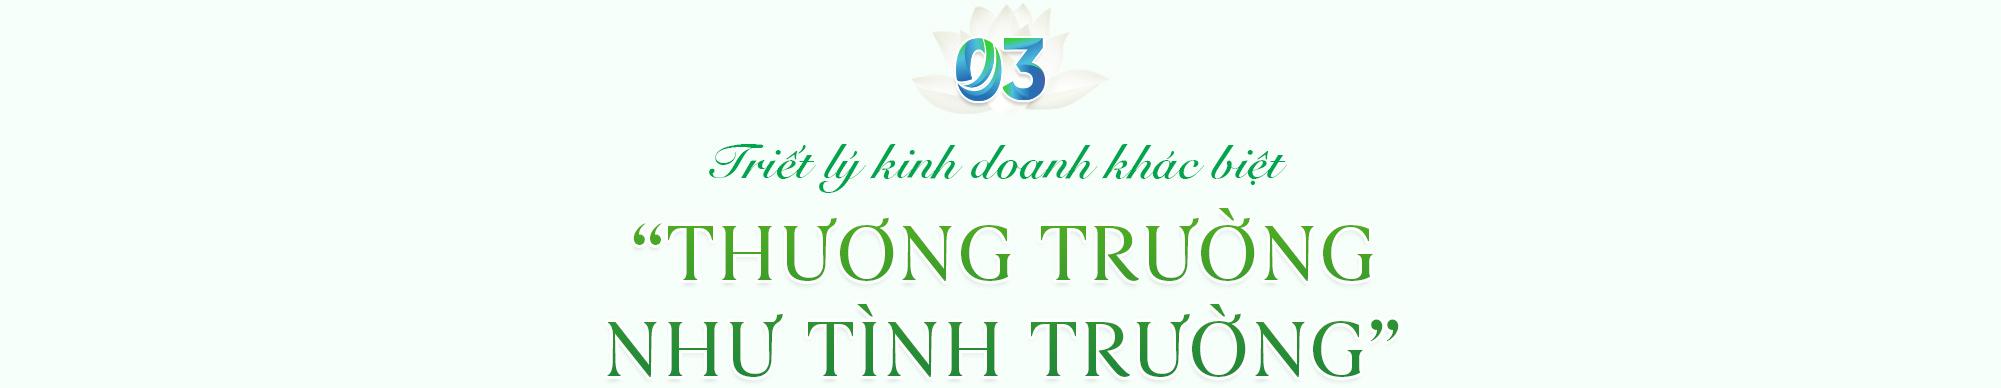 Dược phẩm Hoa Linh Bông sen trắng vươn mình để chất lượng tỏa hương - Ảnh 9.